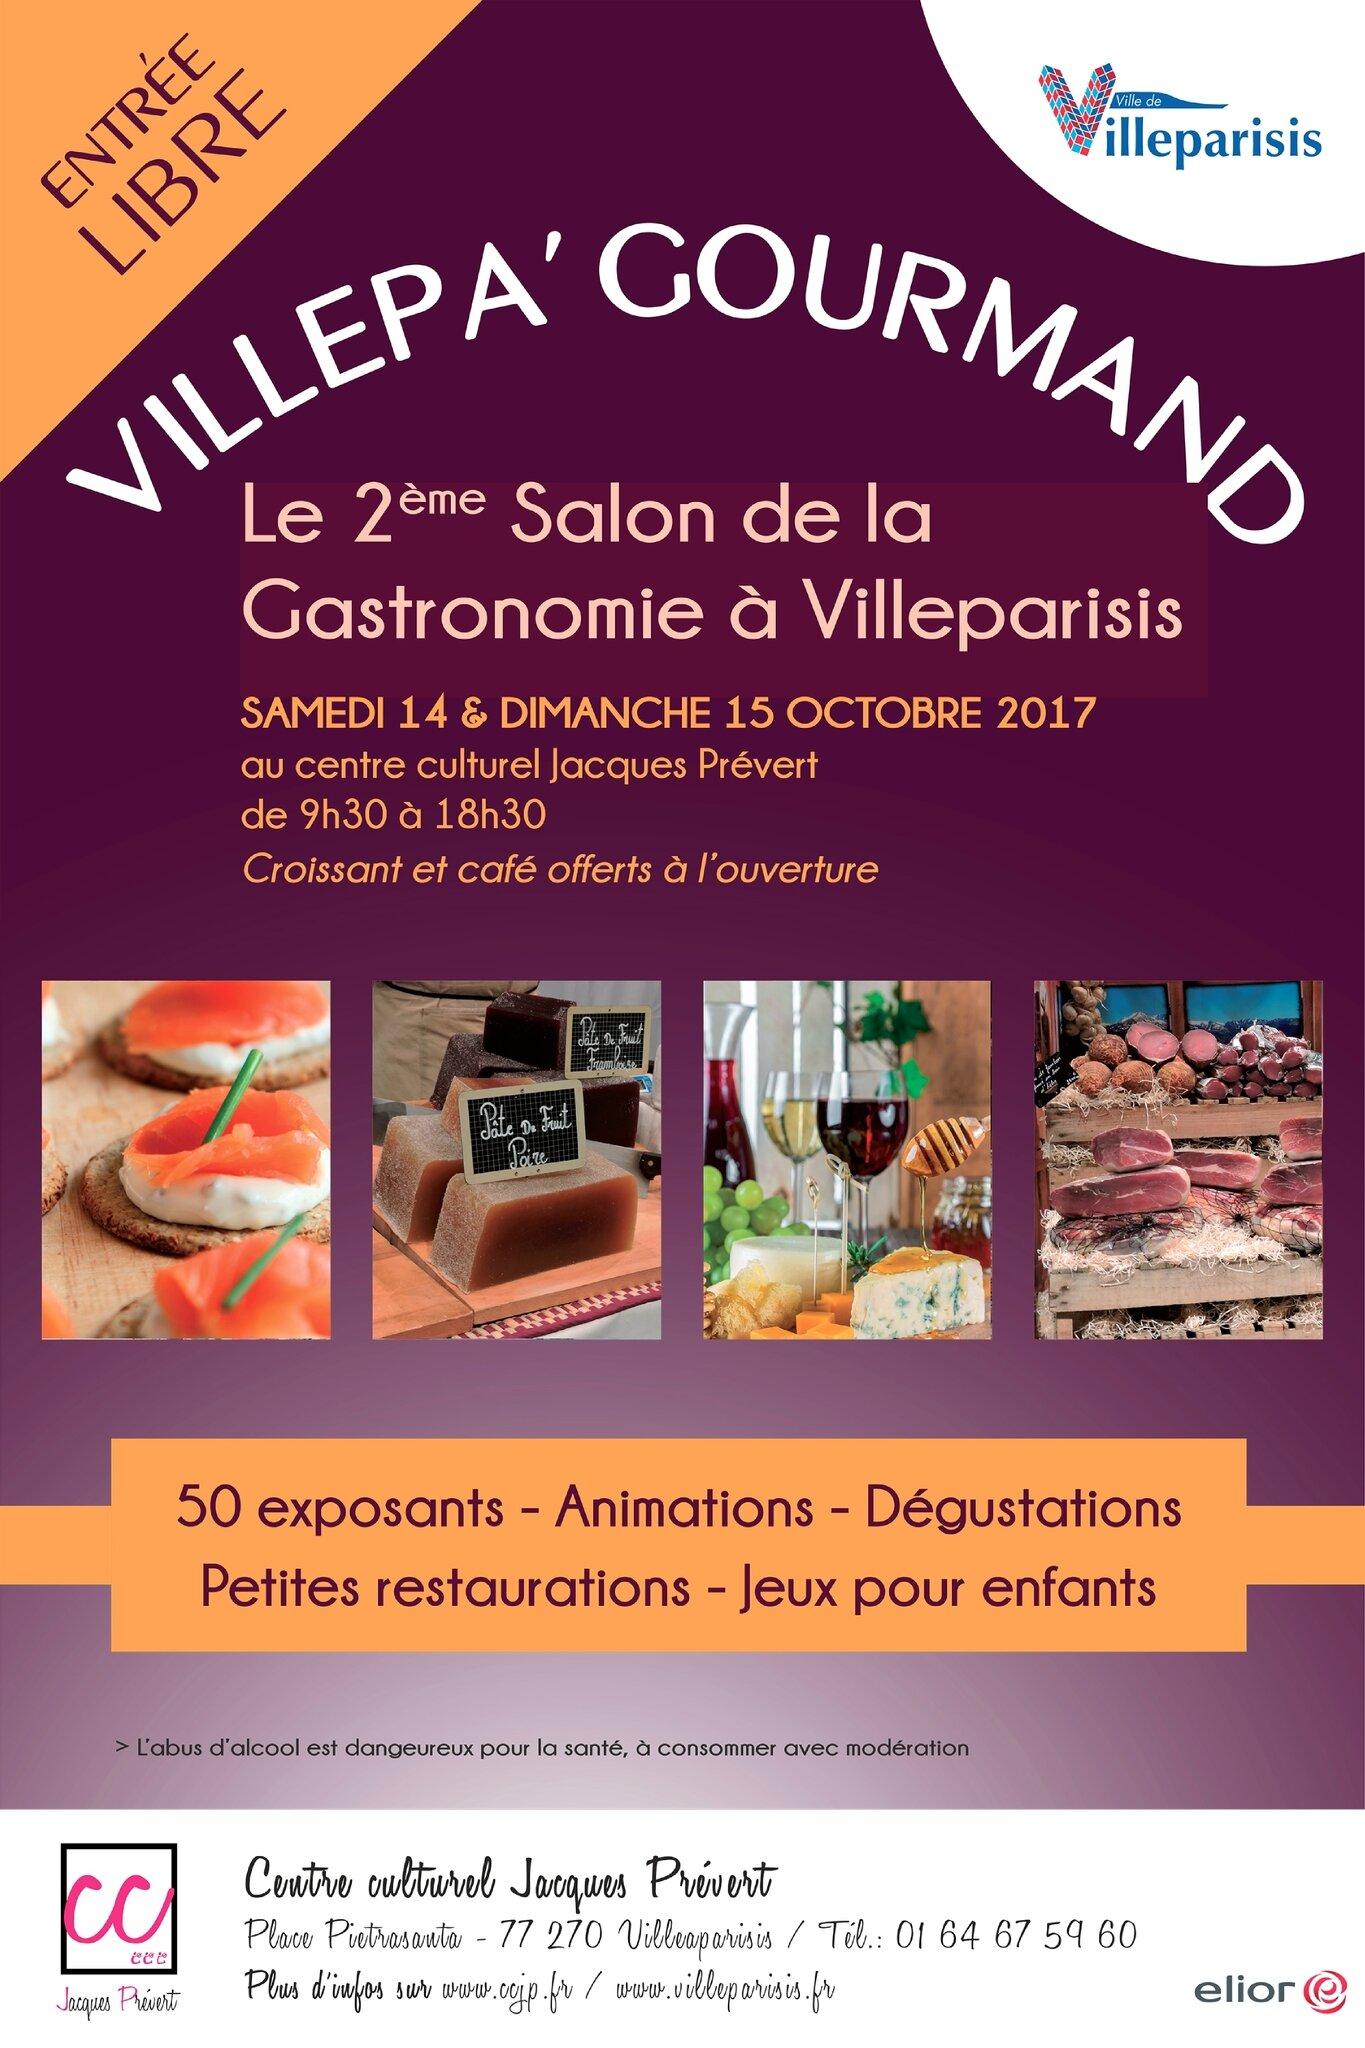 salon de la gastronomie villeparisis du 14 et 15 octobre